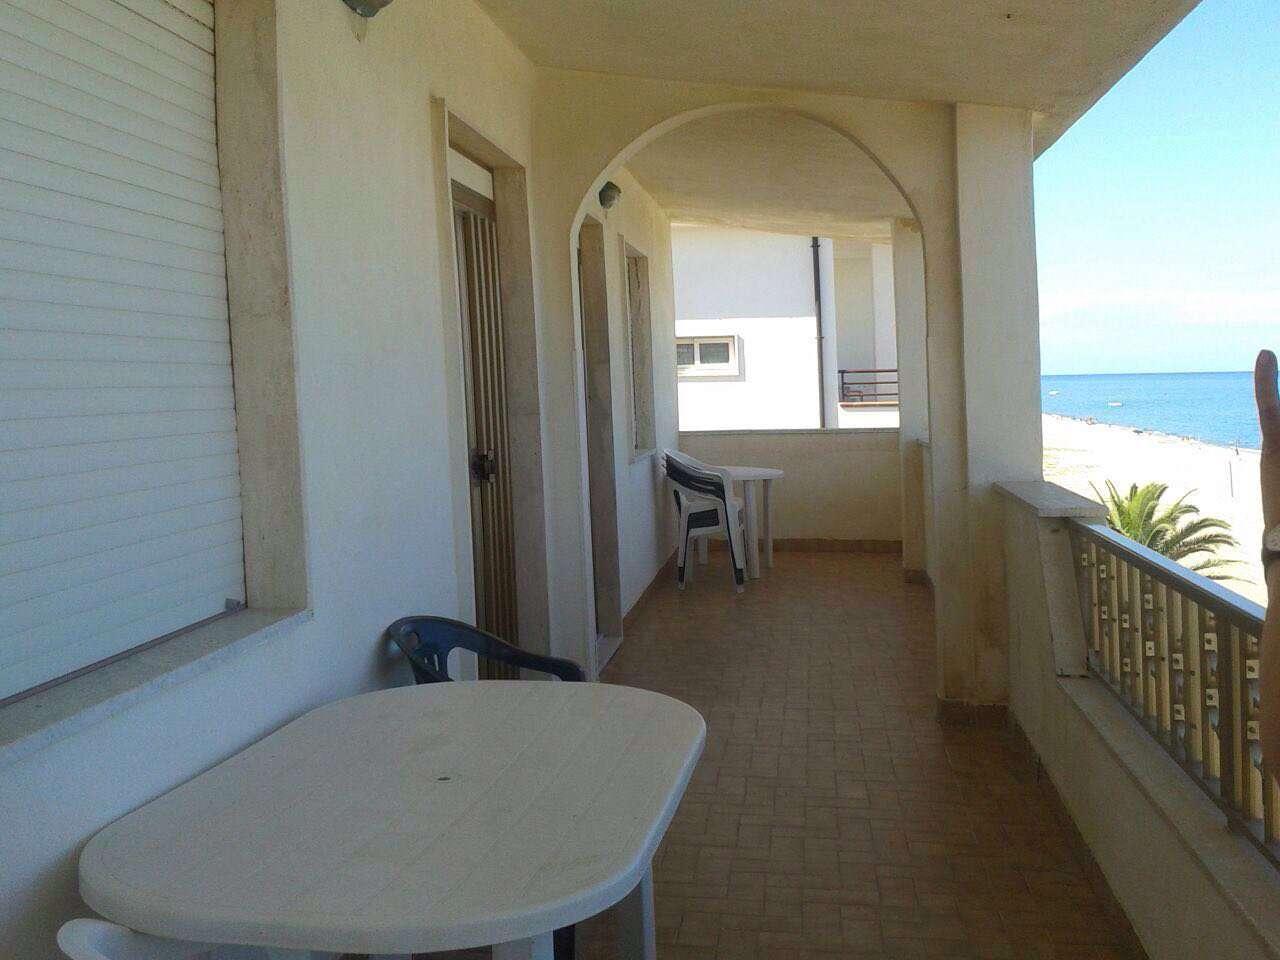 Appartamento in vendita a Strongoli, 4 locali, prezzo € 90.000 | CambioCasa.it